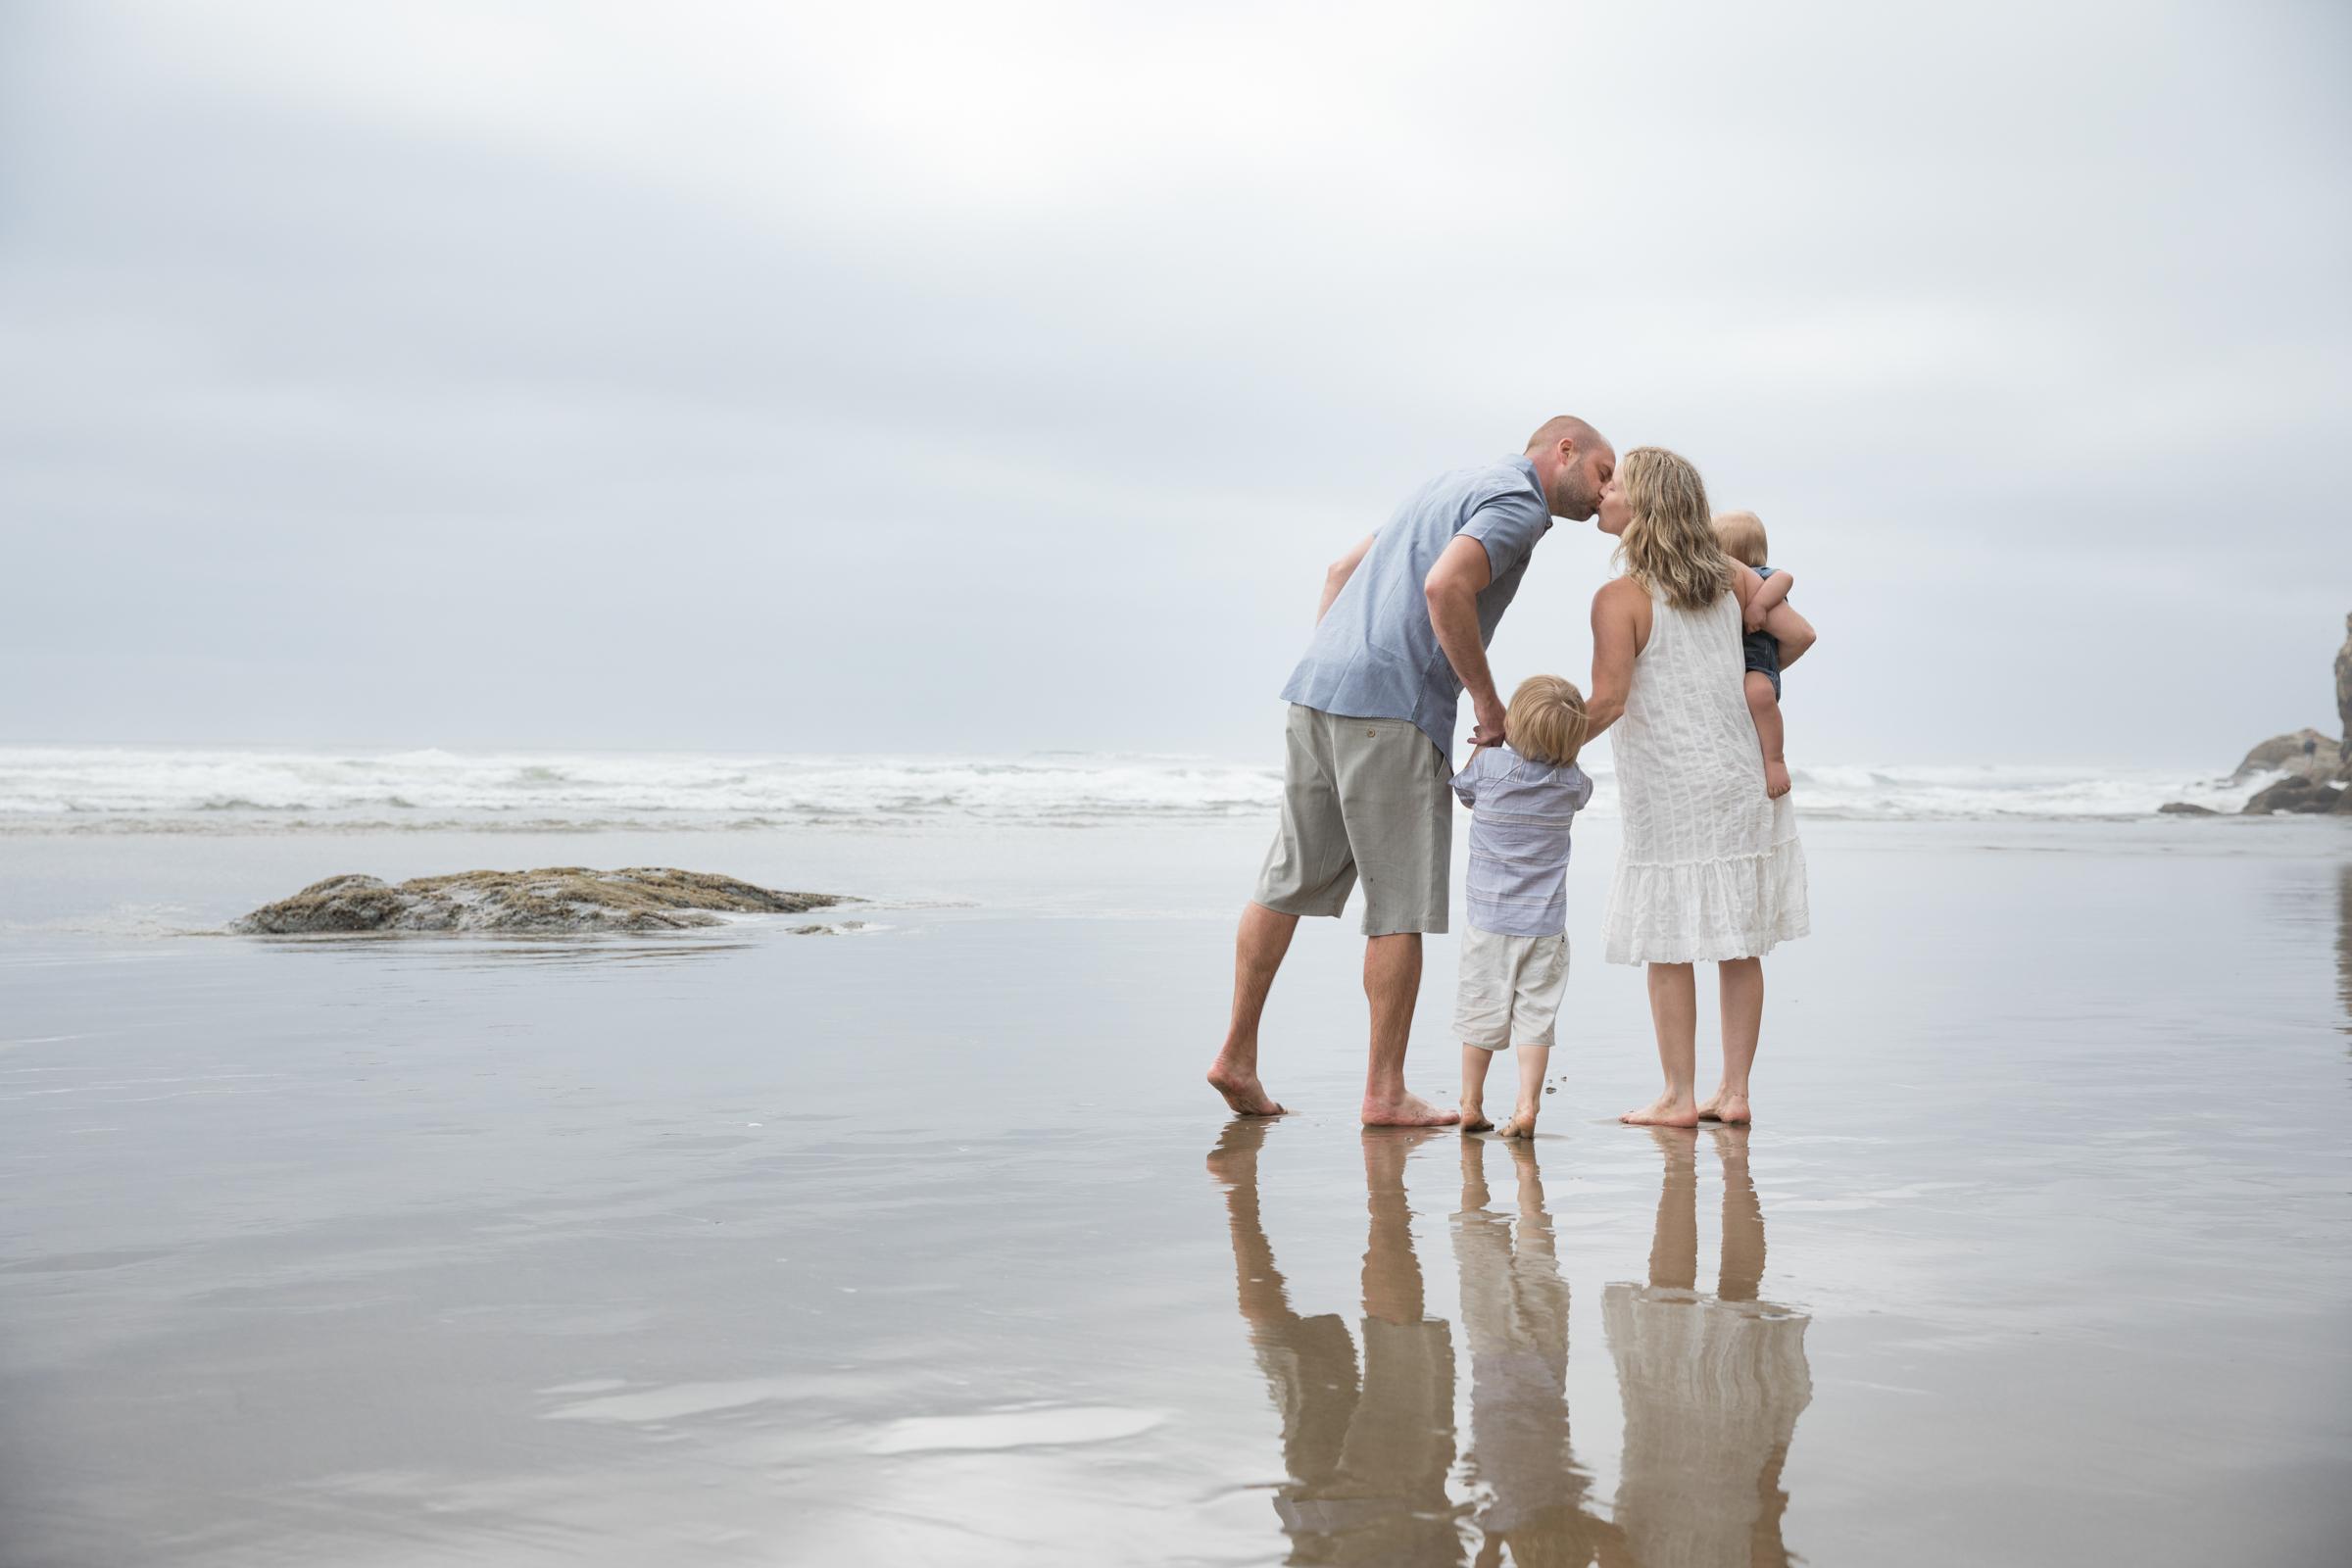 Beach_Kisses.jpg